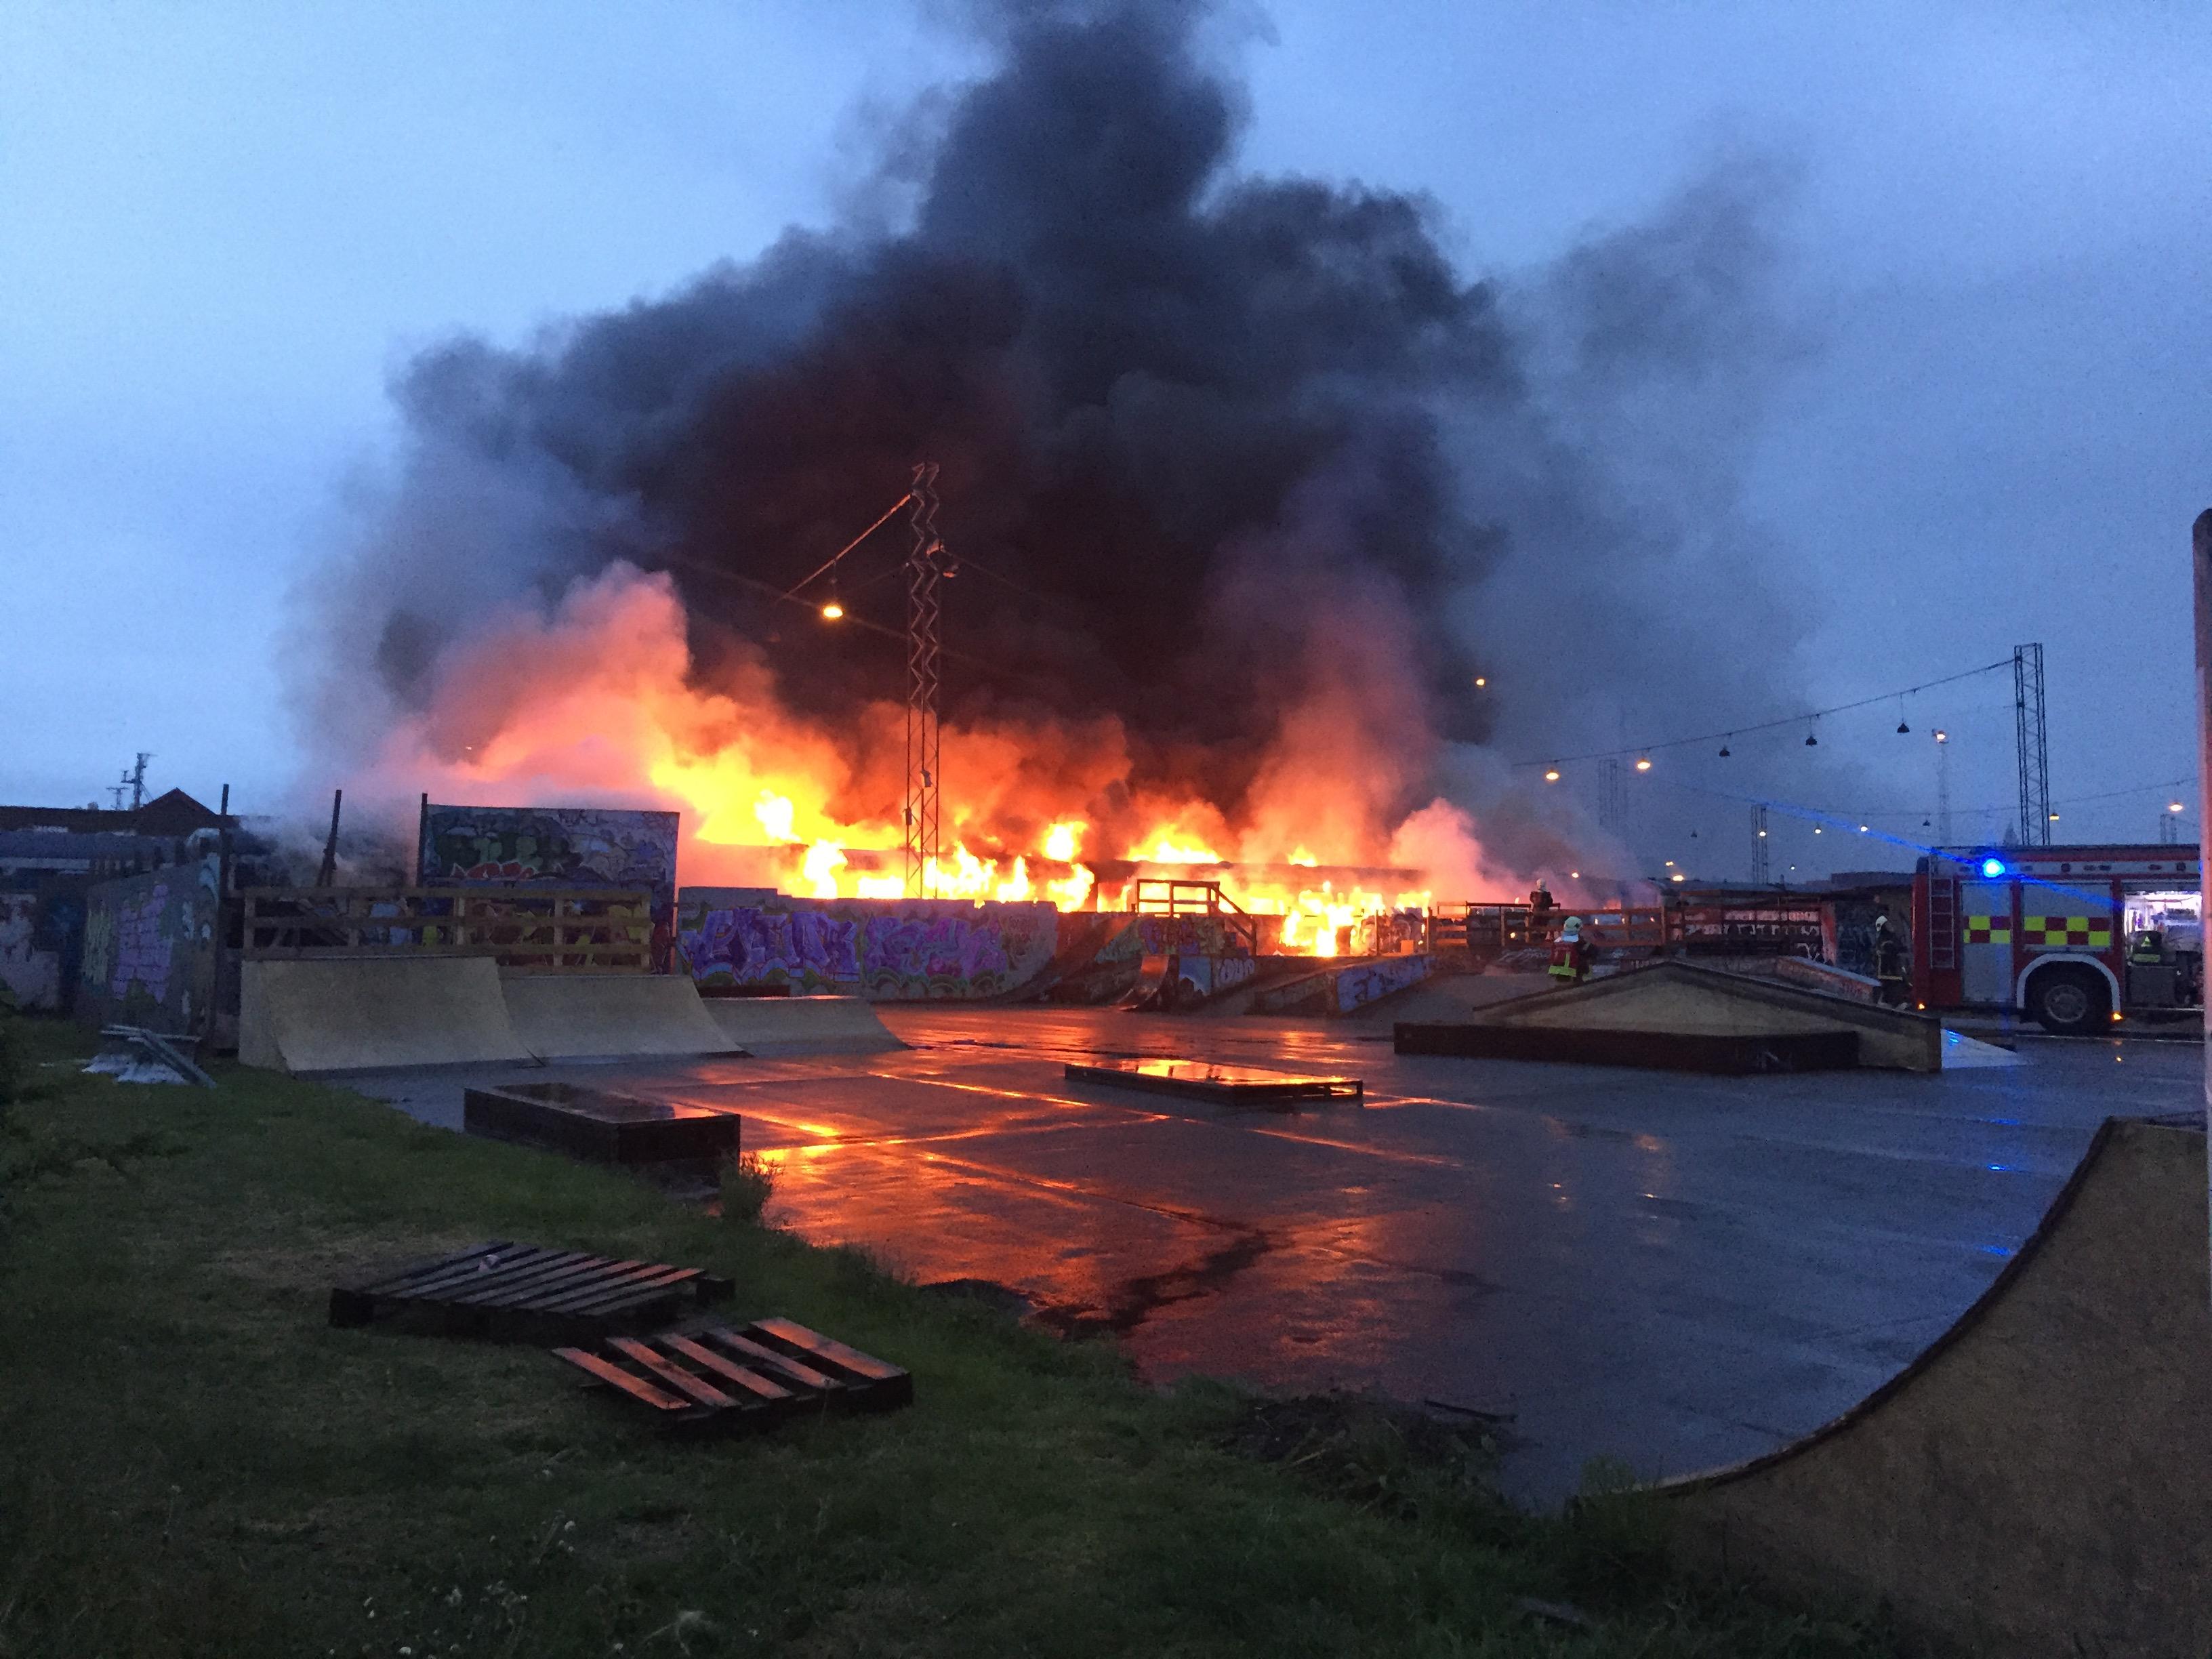 SE VIDEO : GAMLE TOG STÅR I FLAMMER I NORGESGADE